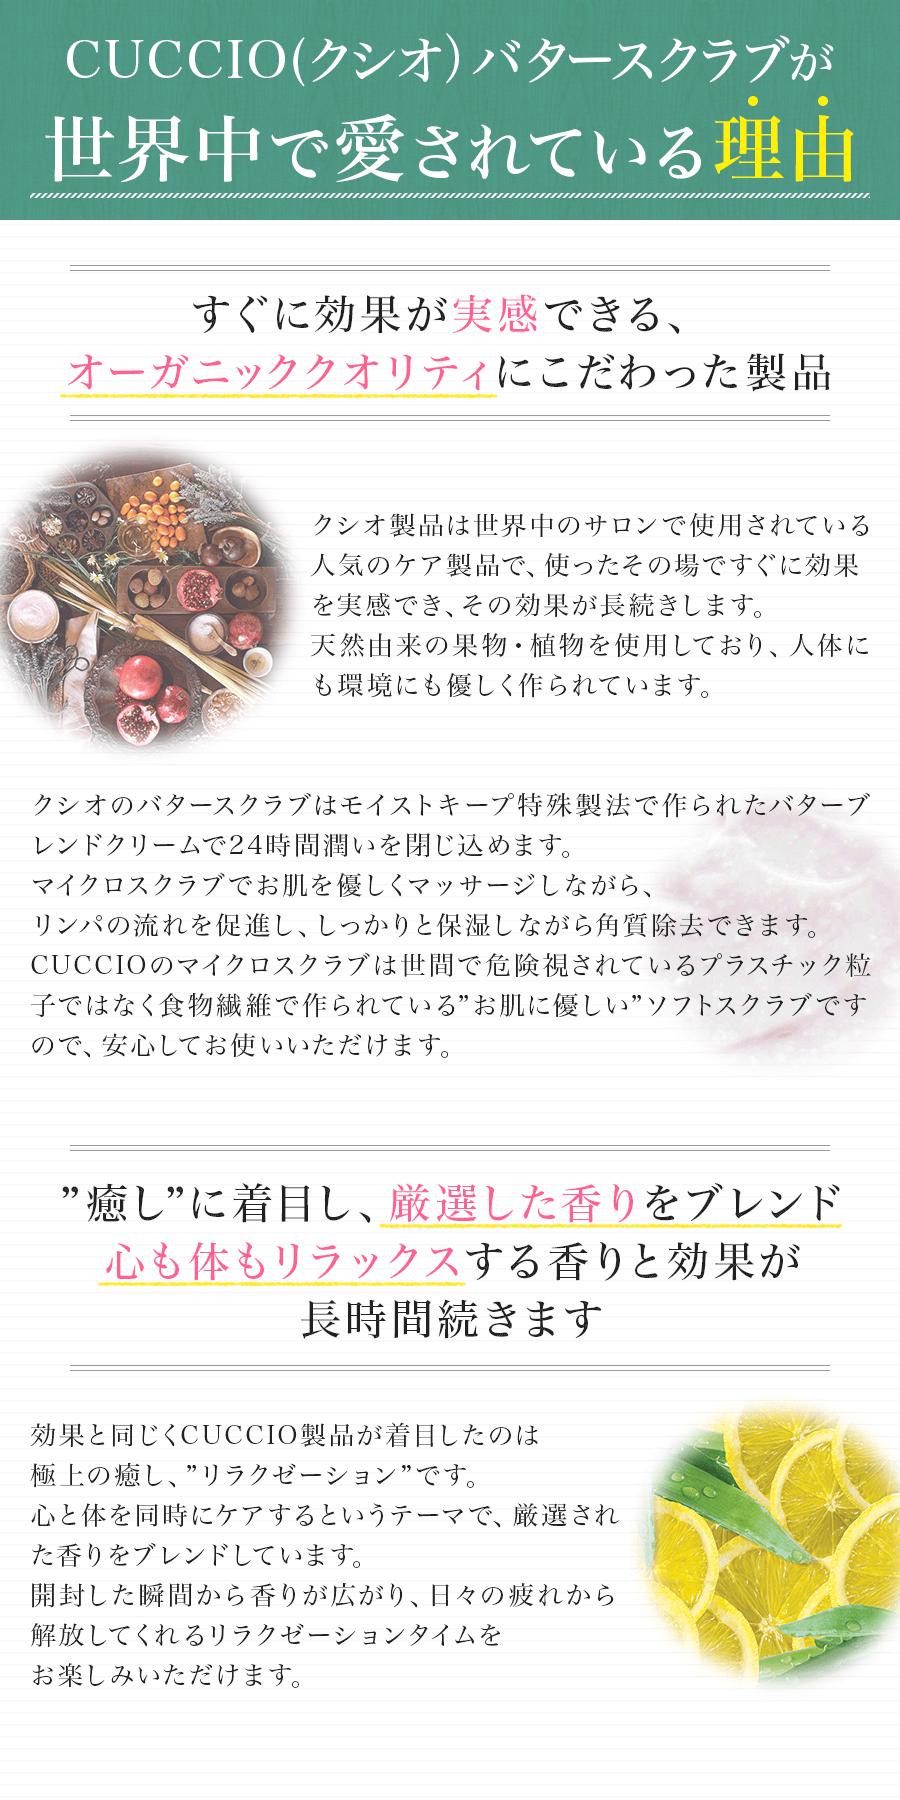 """CUCCIO(クシオ)バタースクラブが世界中で愛されている理由。 すぐに効果が実感できる、オーガニッククオリティにこだわった製品 クシオ製品は世界中のサロンで使用されている人気のケア製品で、使ったその場ですぐに効果を実感でき、その効果が長続きします。天然由来の果物・植物を使用しており、人体にも環境にも優しく作られています。クシオのバタースクラブはモイストキープ特殊製法で作られたバターブレンドクリームで24時間潤いを閉じ込めます。マイクロスクラブでお肌を優しくマッサージしながら、リンパの流れを促進し、しっかりと保湿しながら角質除去できます。CUCCIOのマイクロスクラブは世間で危険視されているプラスチック粒子ではなく食物繊維で作られている""""お肌に優しい""""ソフトスクラブですので、安心してお使いいただけます。 """"癒し""""に着目し、厳選した香りをブレンド。心も体もリラックスする香りと効果が長時間続きます。 効果と同じくCUCCIO製品が着目したのは極上の癒し、""""リラクゼーション""""です。心と体を同時にケアするというテーマで、厳選された香りをブレンドしています。開封した瞬間から香りが広がり、日々の疲れから解放してくれるリラクゼーションタイムをお楽しみいただけます。"""